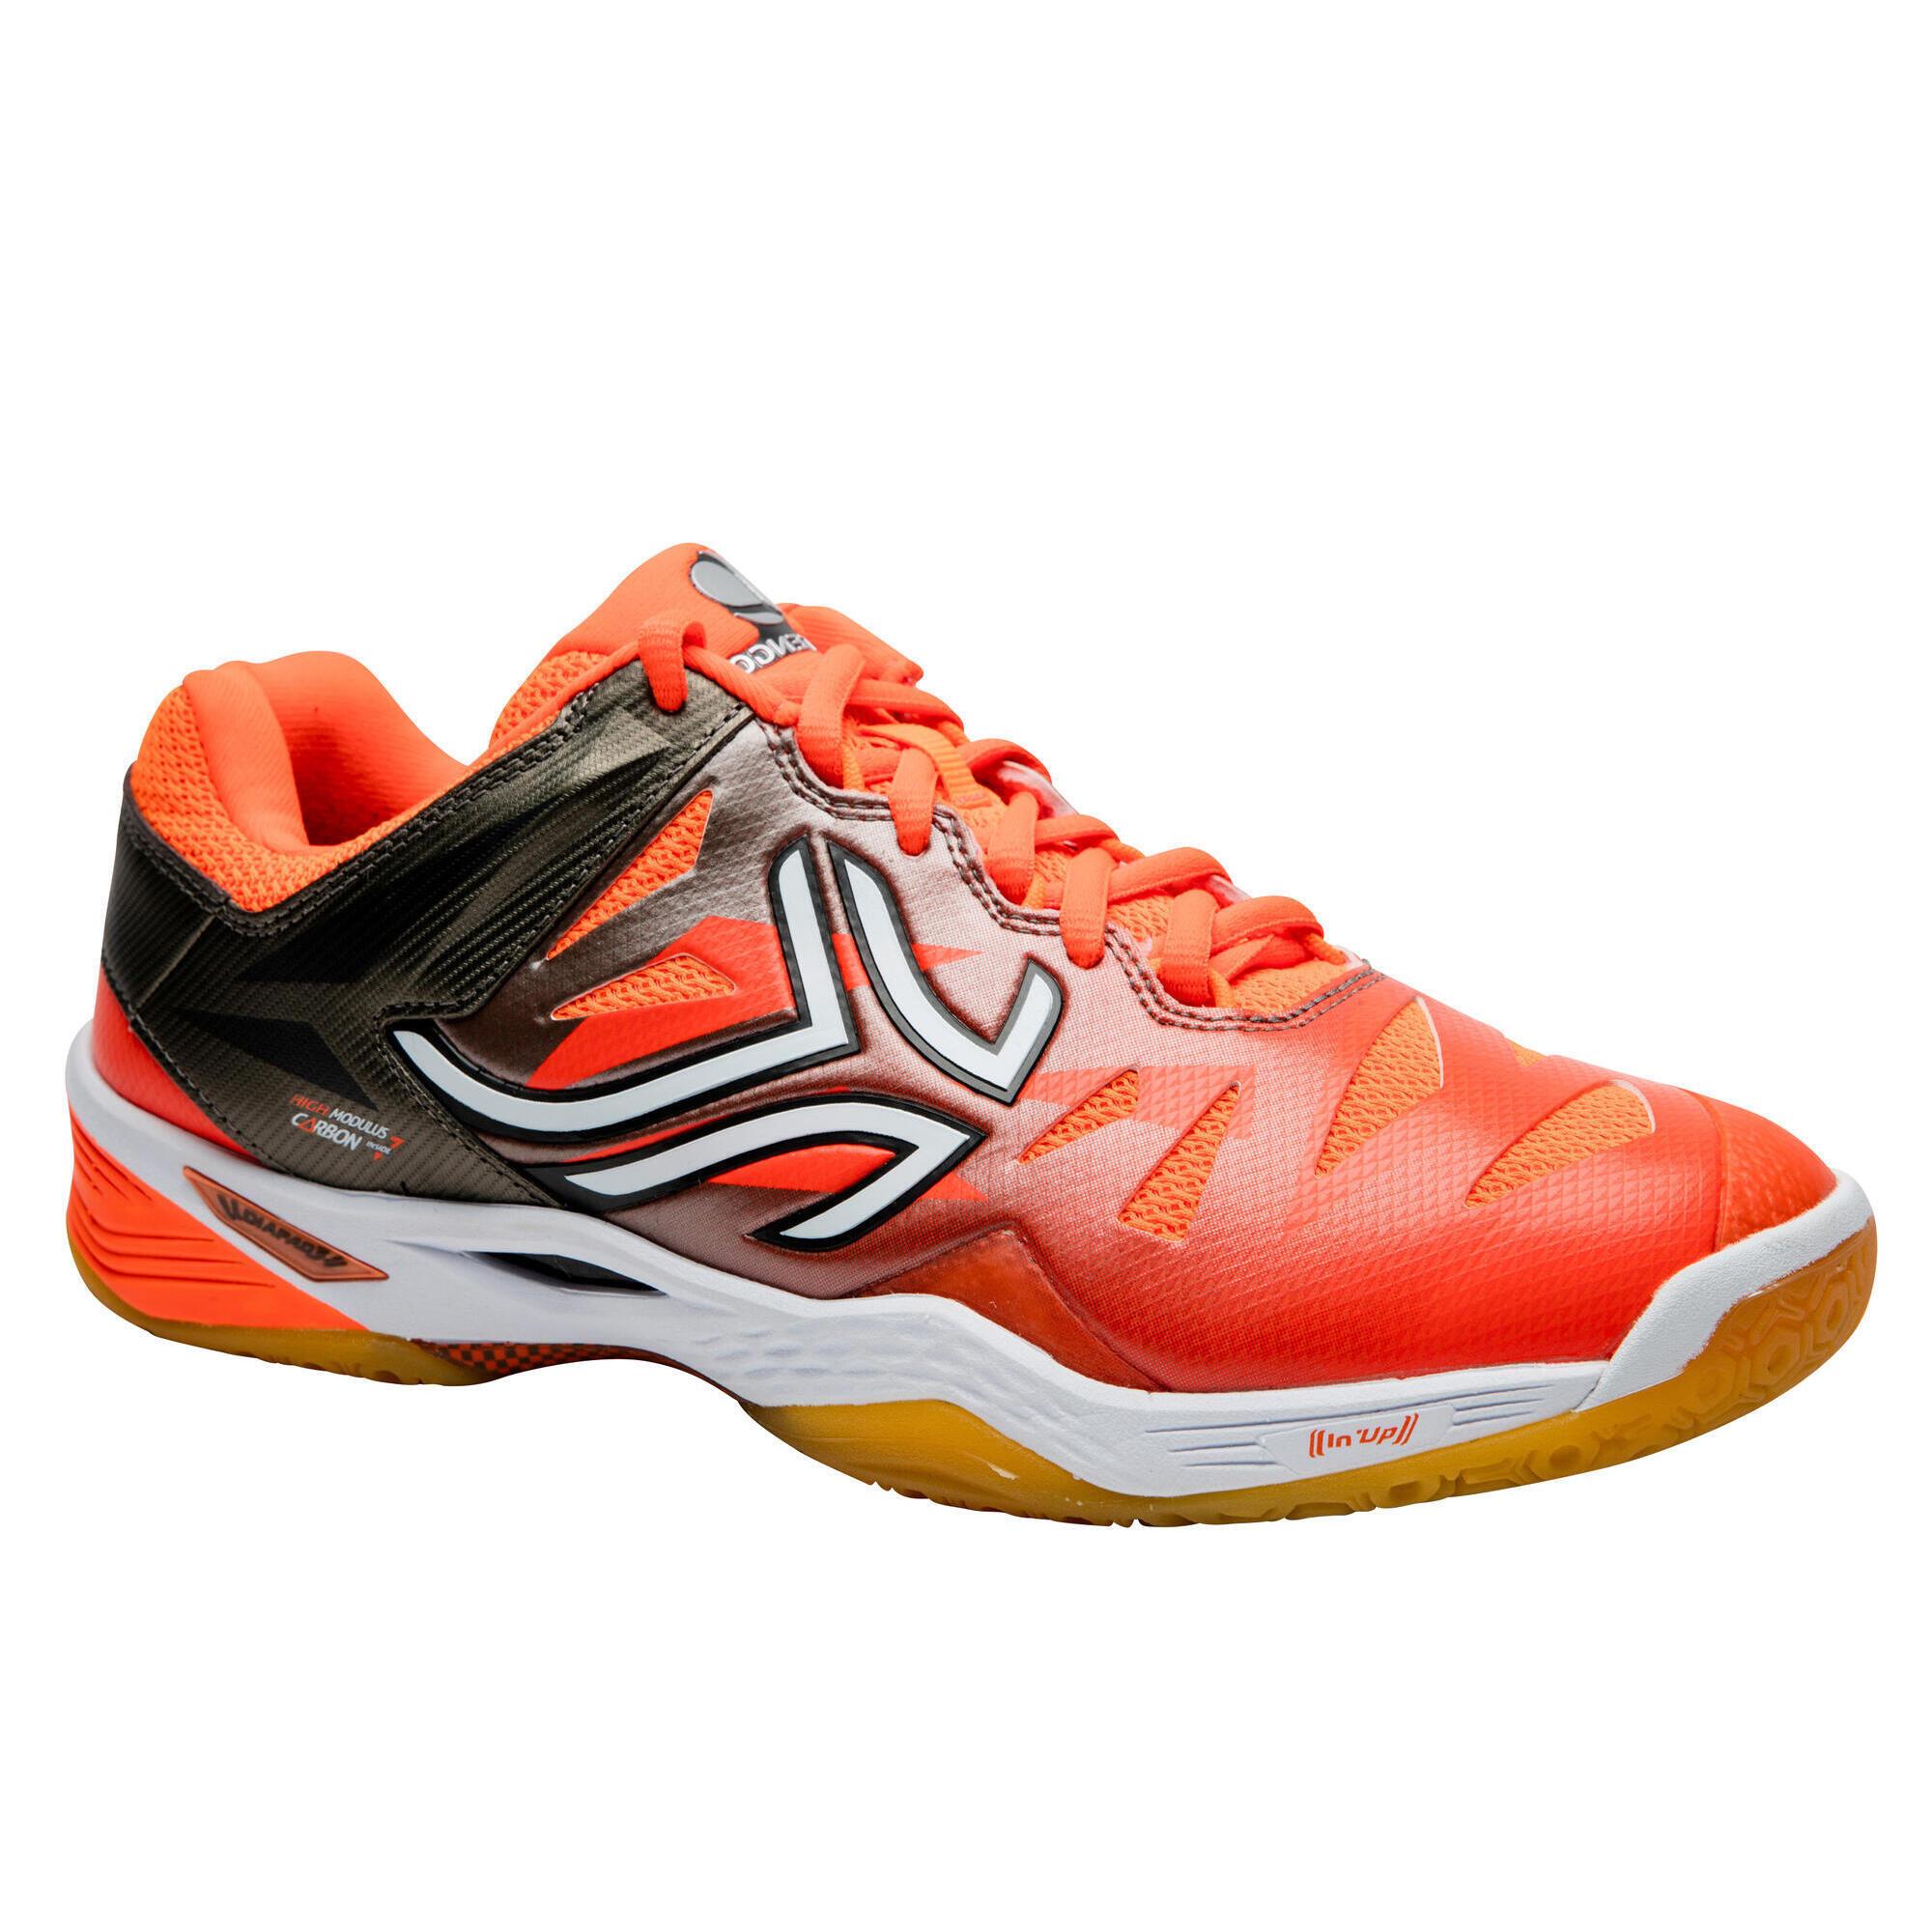 Artengo Badmintonschoenen voor heren BS990 oranje